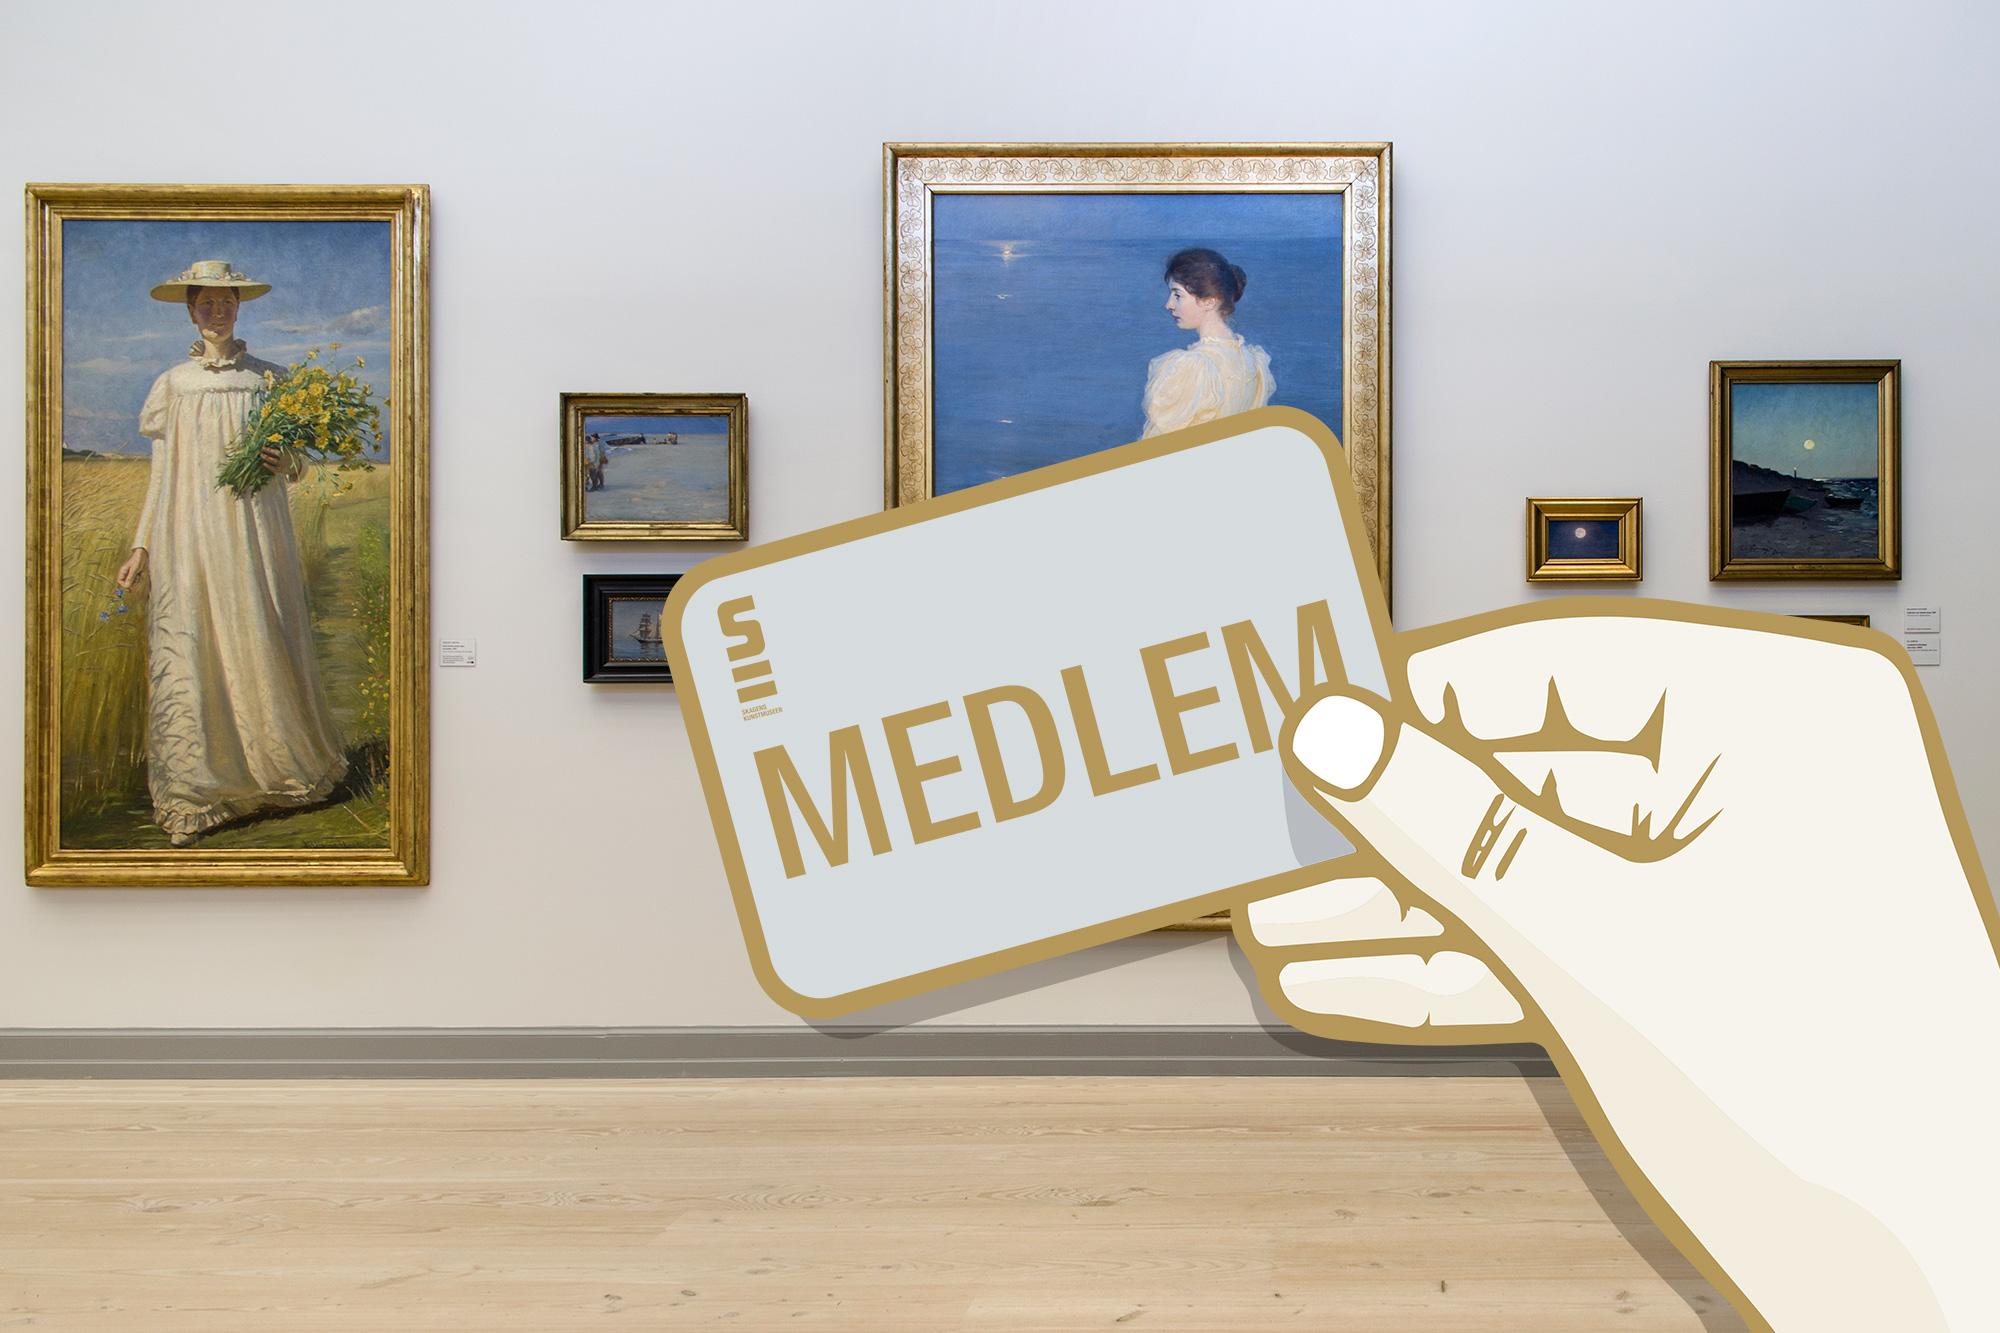 Bliv medlem af Skagens Museums Venner